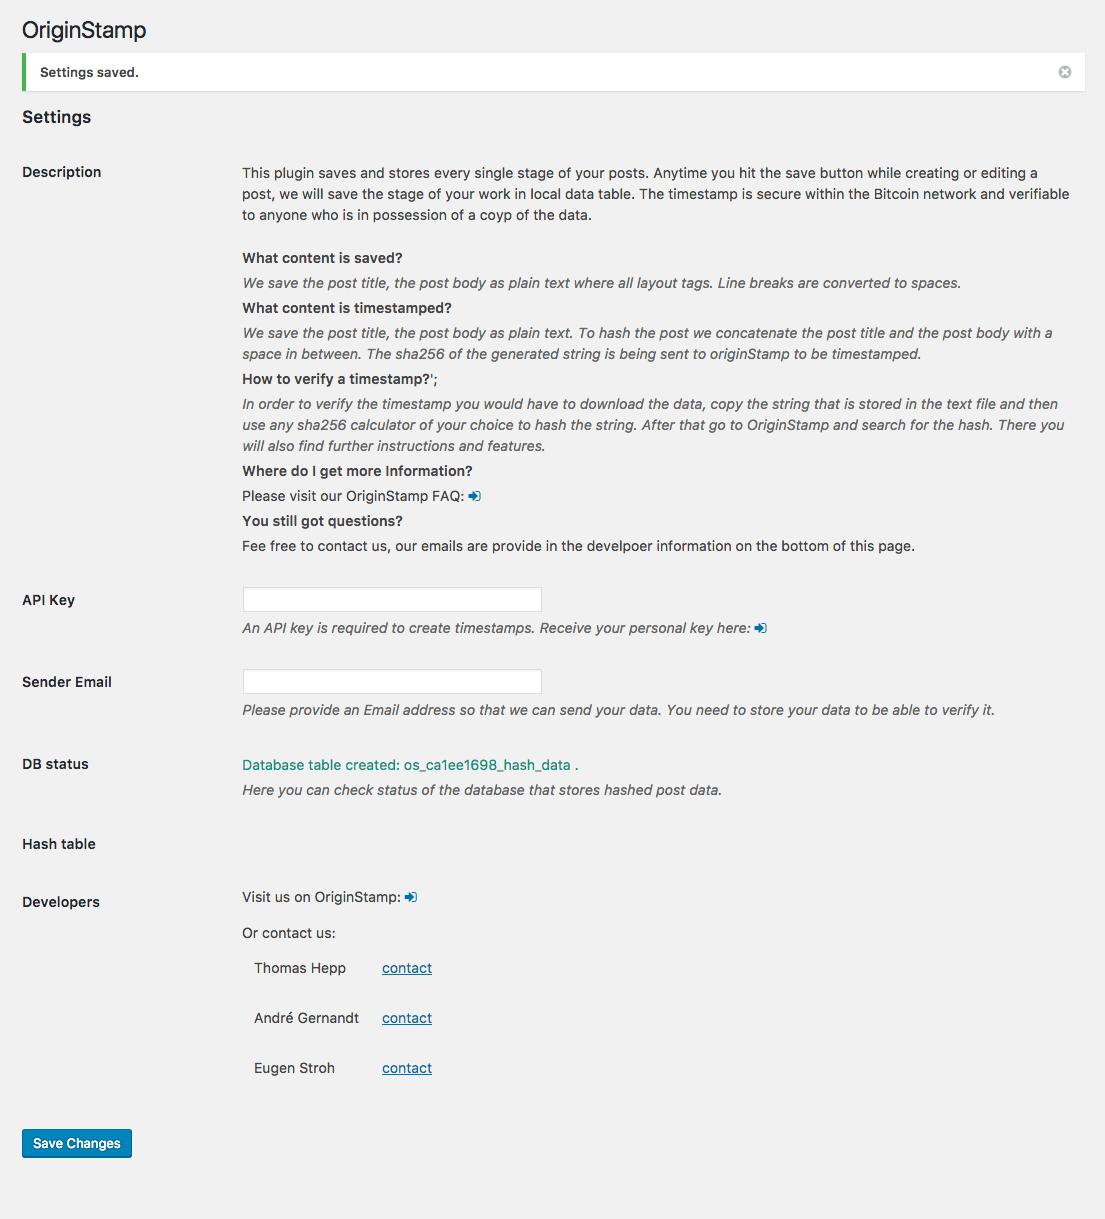 OriginStamp settings section screenshot-1.png.